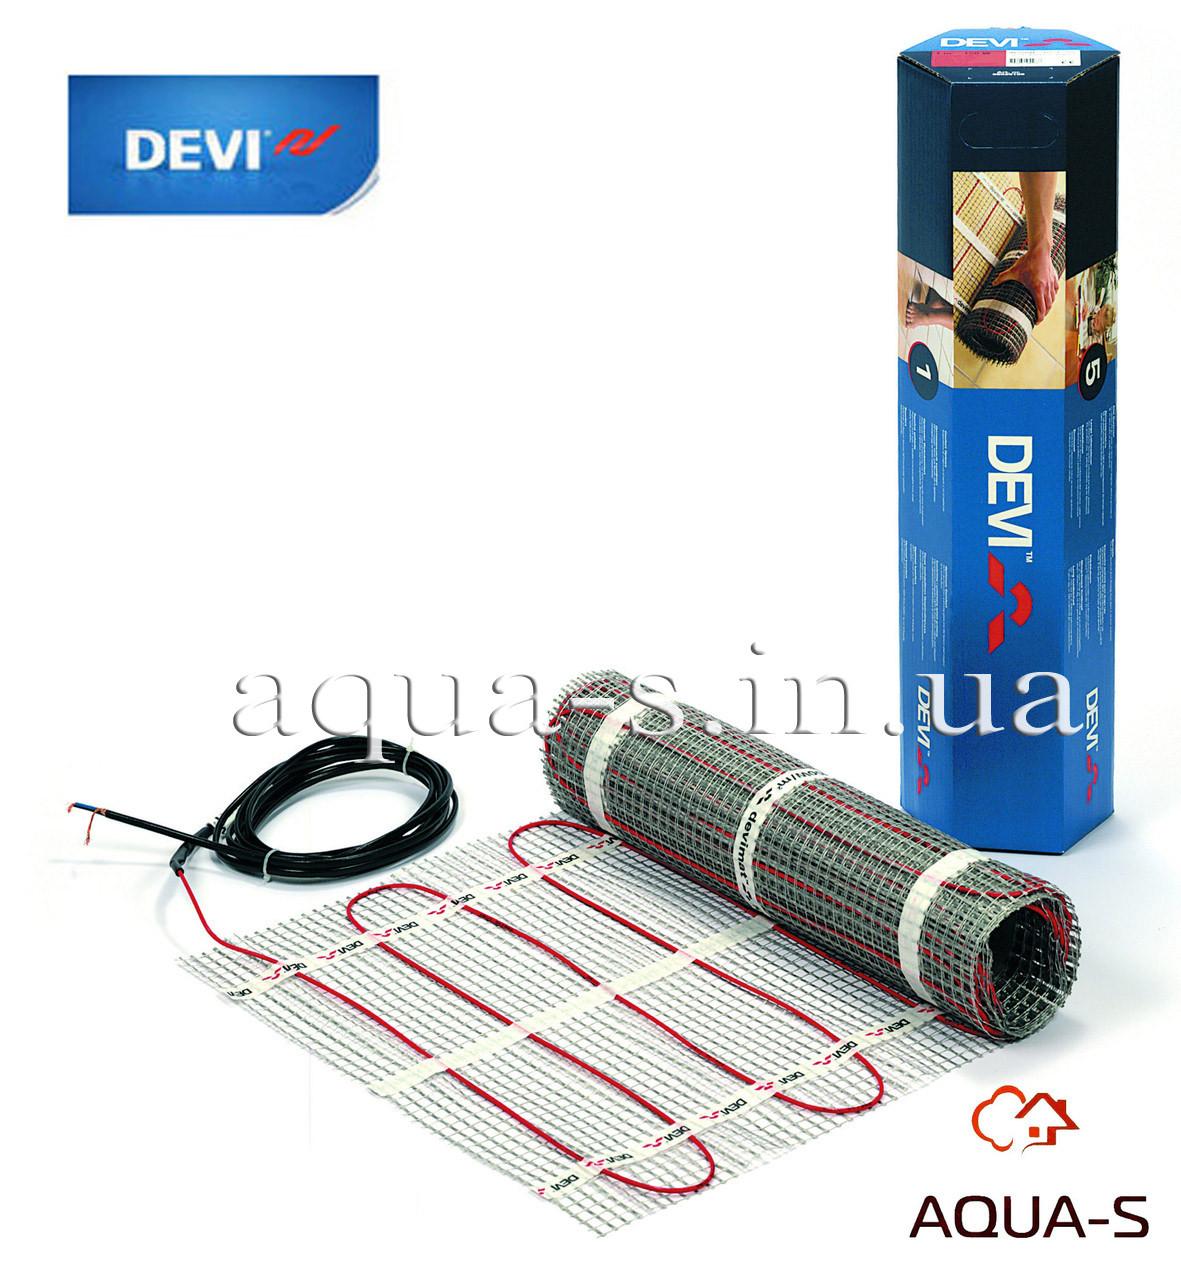 Мат нагревательный DEVI DEVIcomfort 150T (12 кв.м) 1647 Вт. двухжильный (83030588)